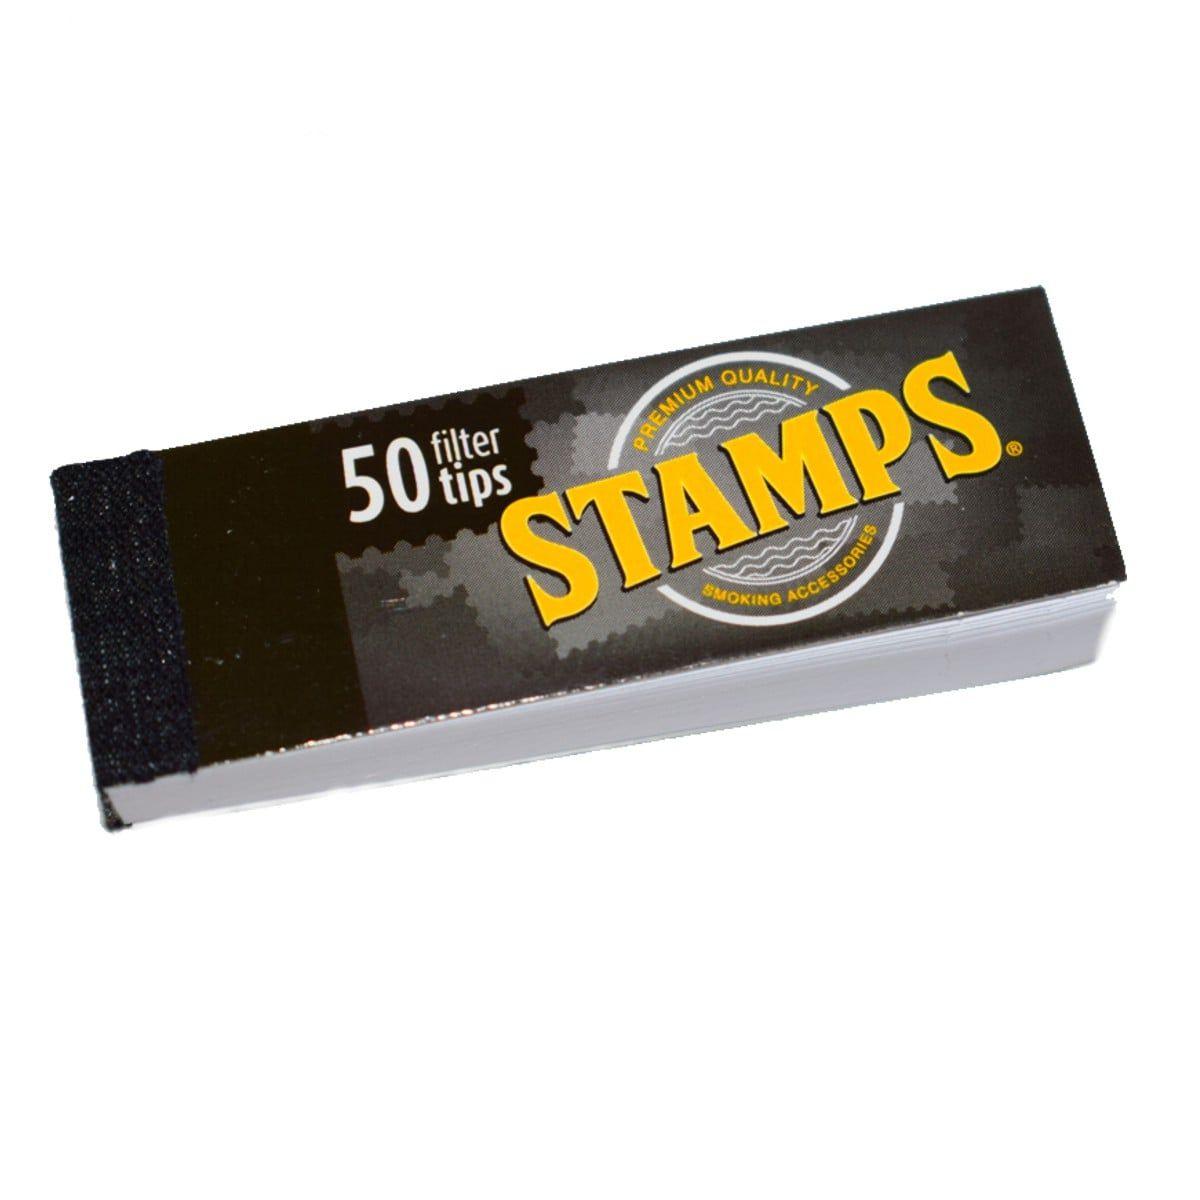 filtros stamps de carton